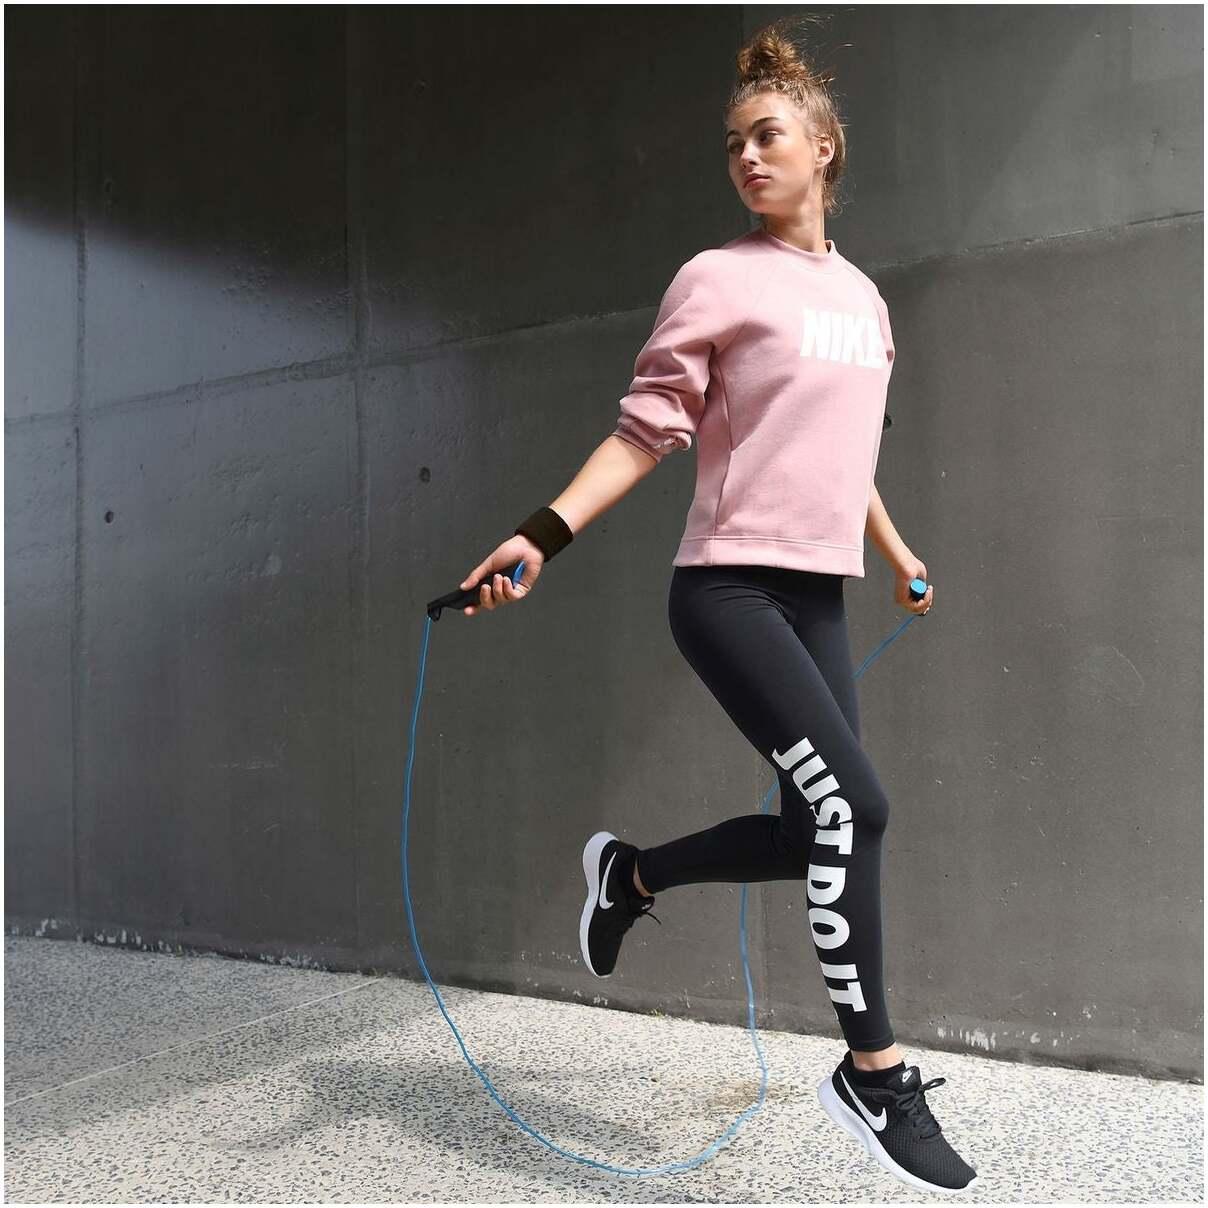 entrainement jogging